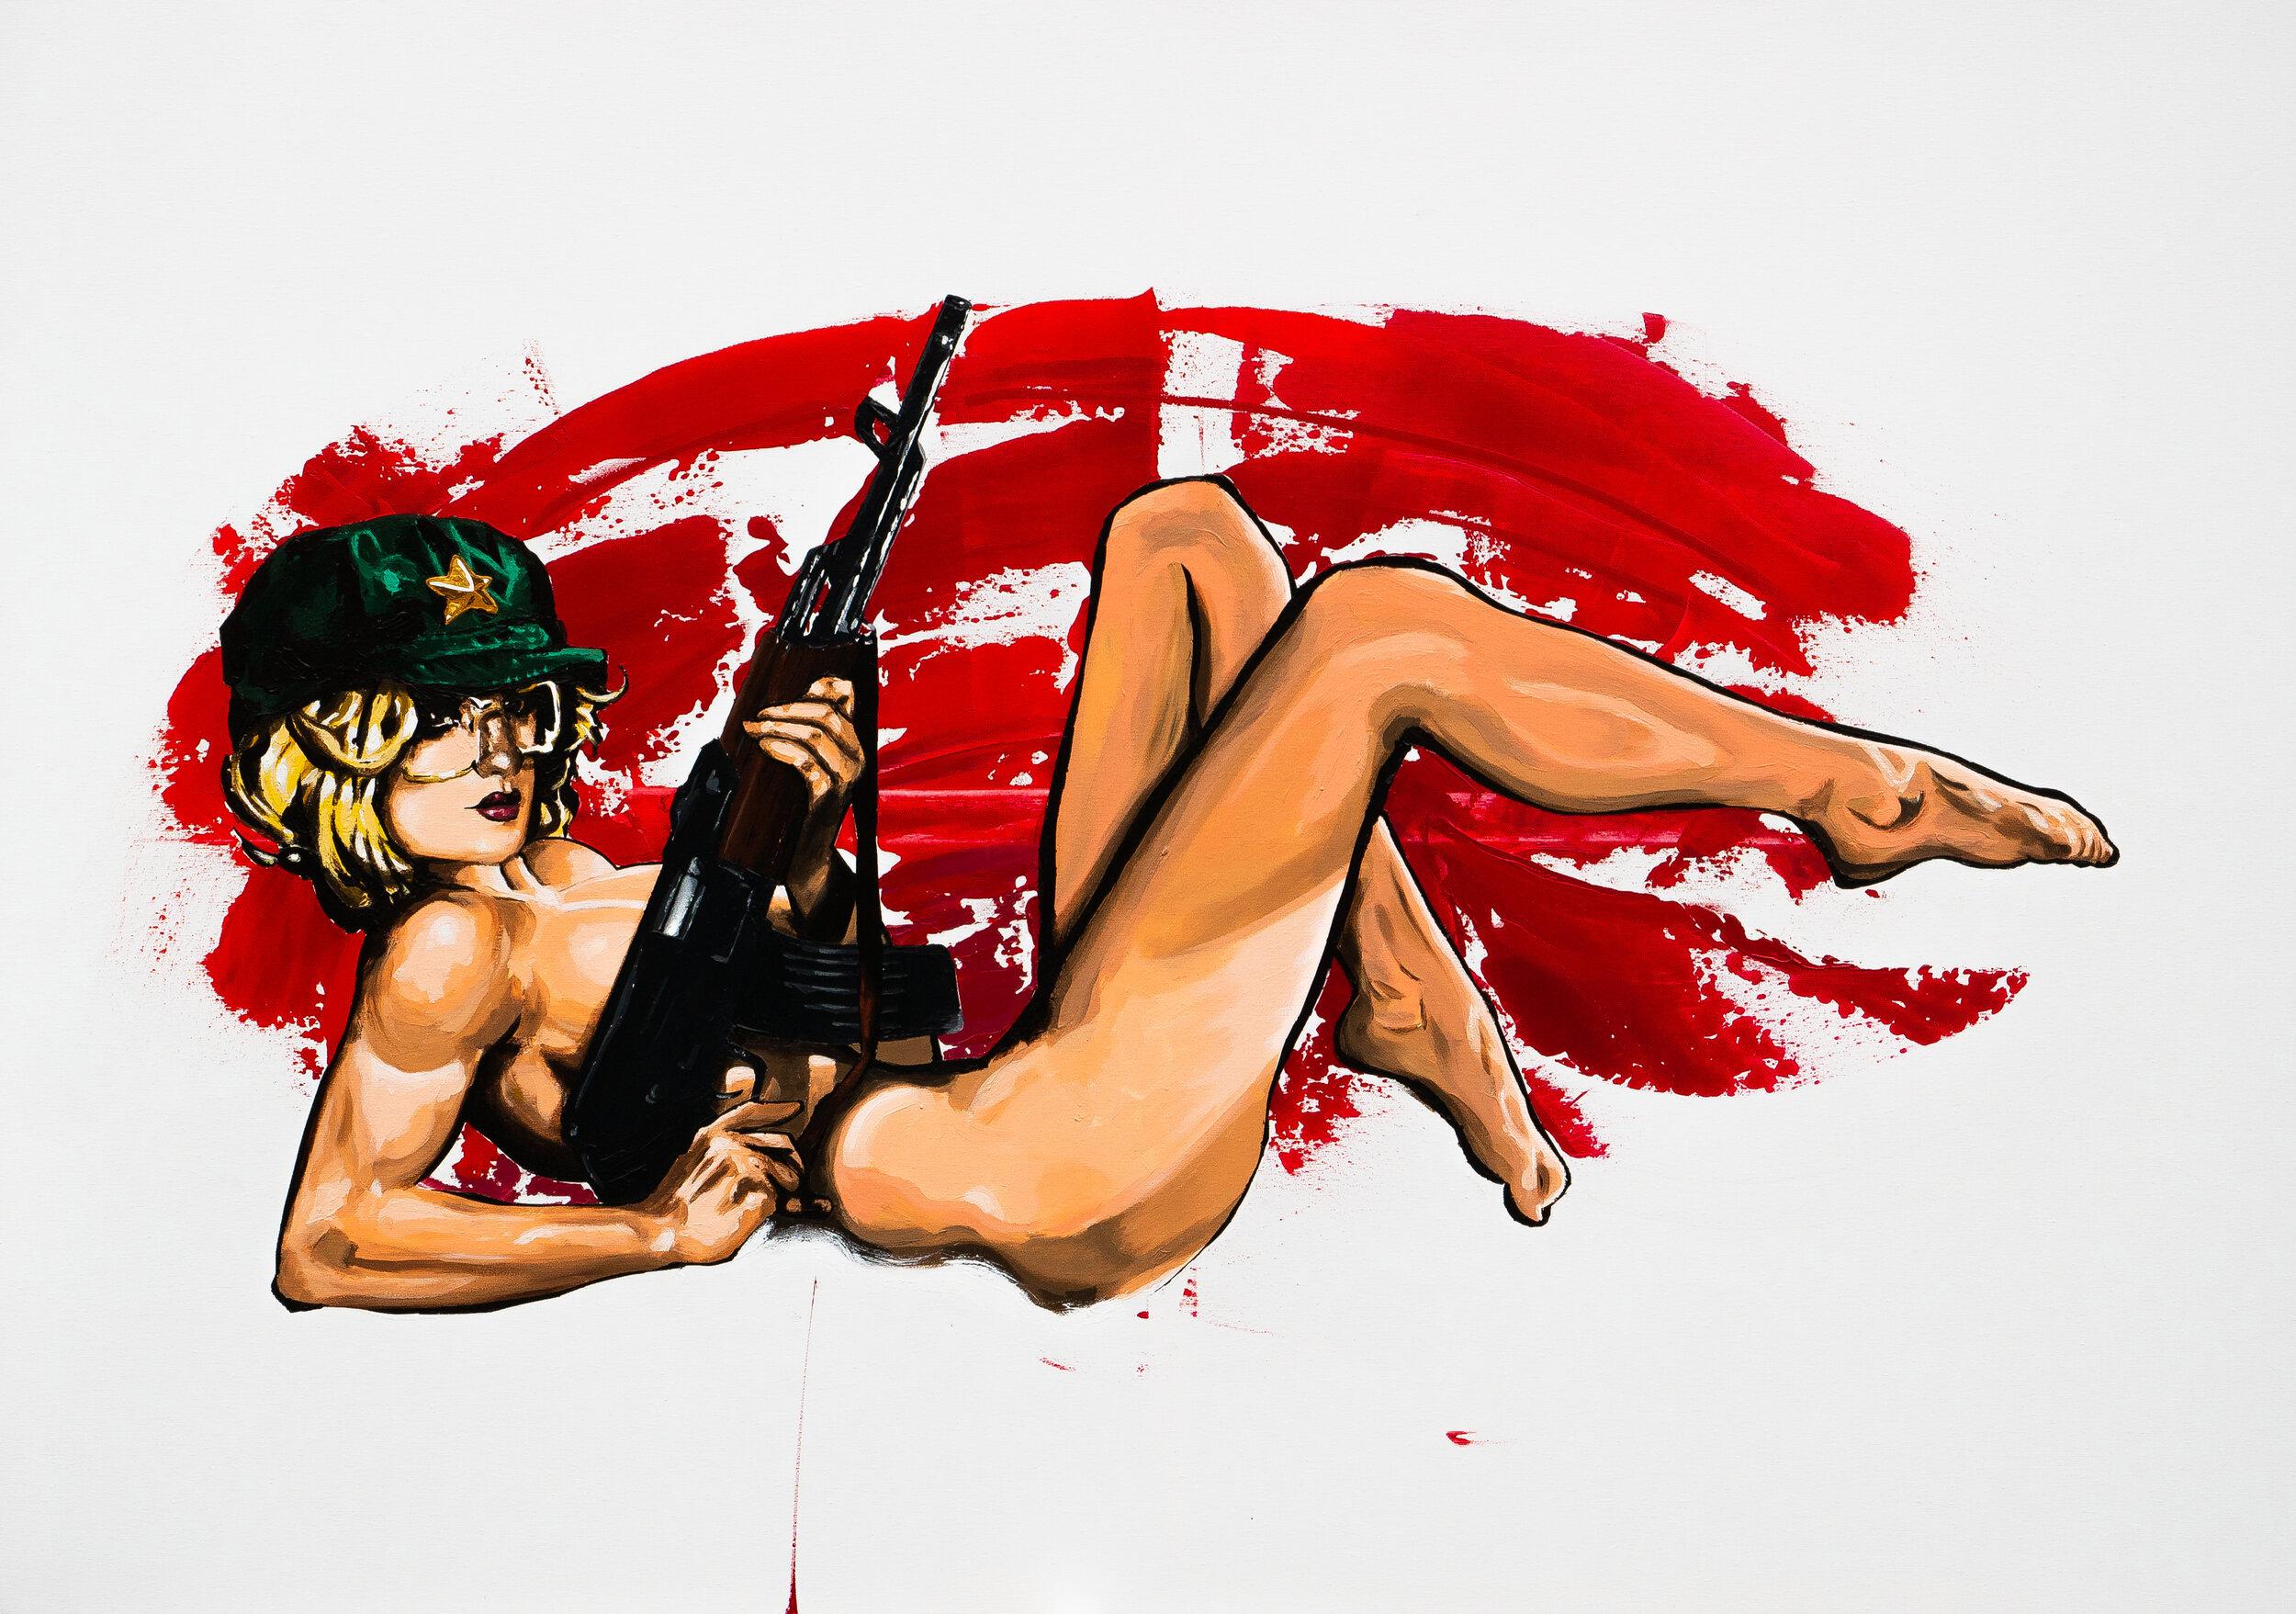 Flör   Acryl on 80 w x 140 h cm canvas  2019, Budapest  360.000 HUF / 1100 EUR